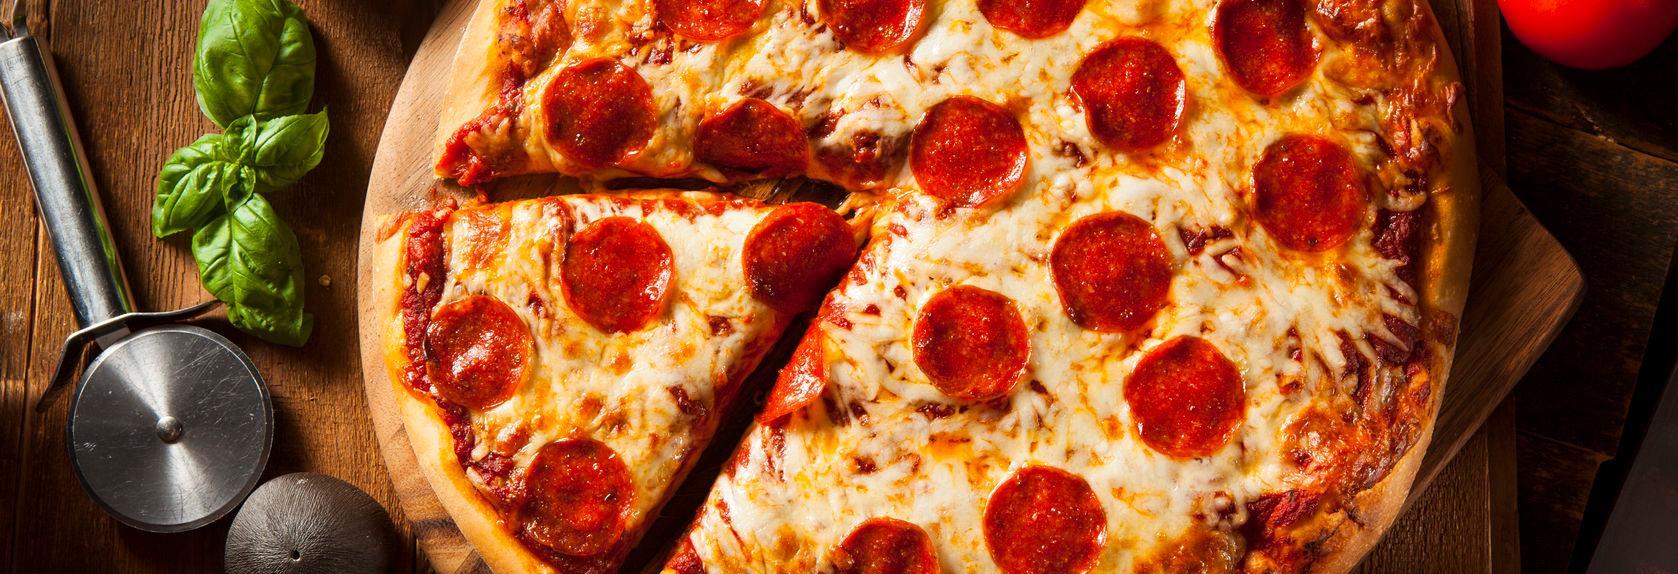 Sam's Sorrento Pizza banner St. Clair Shores, MI